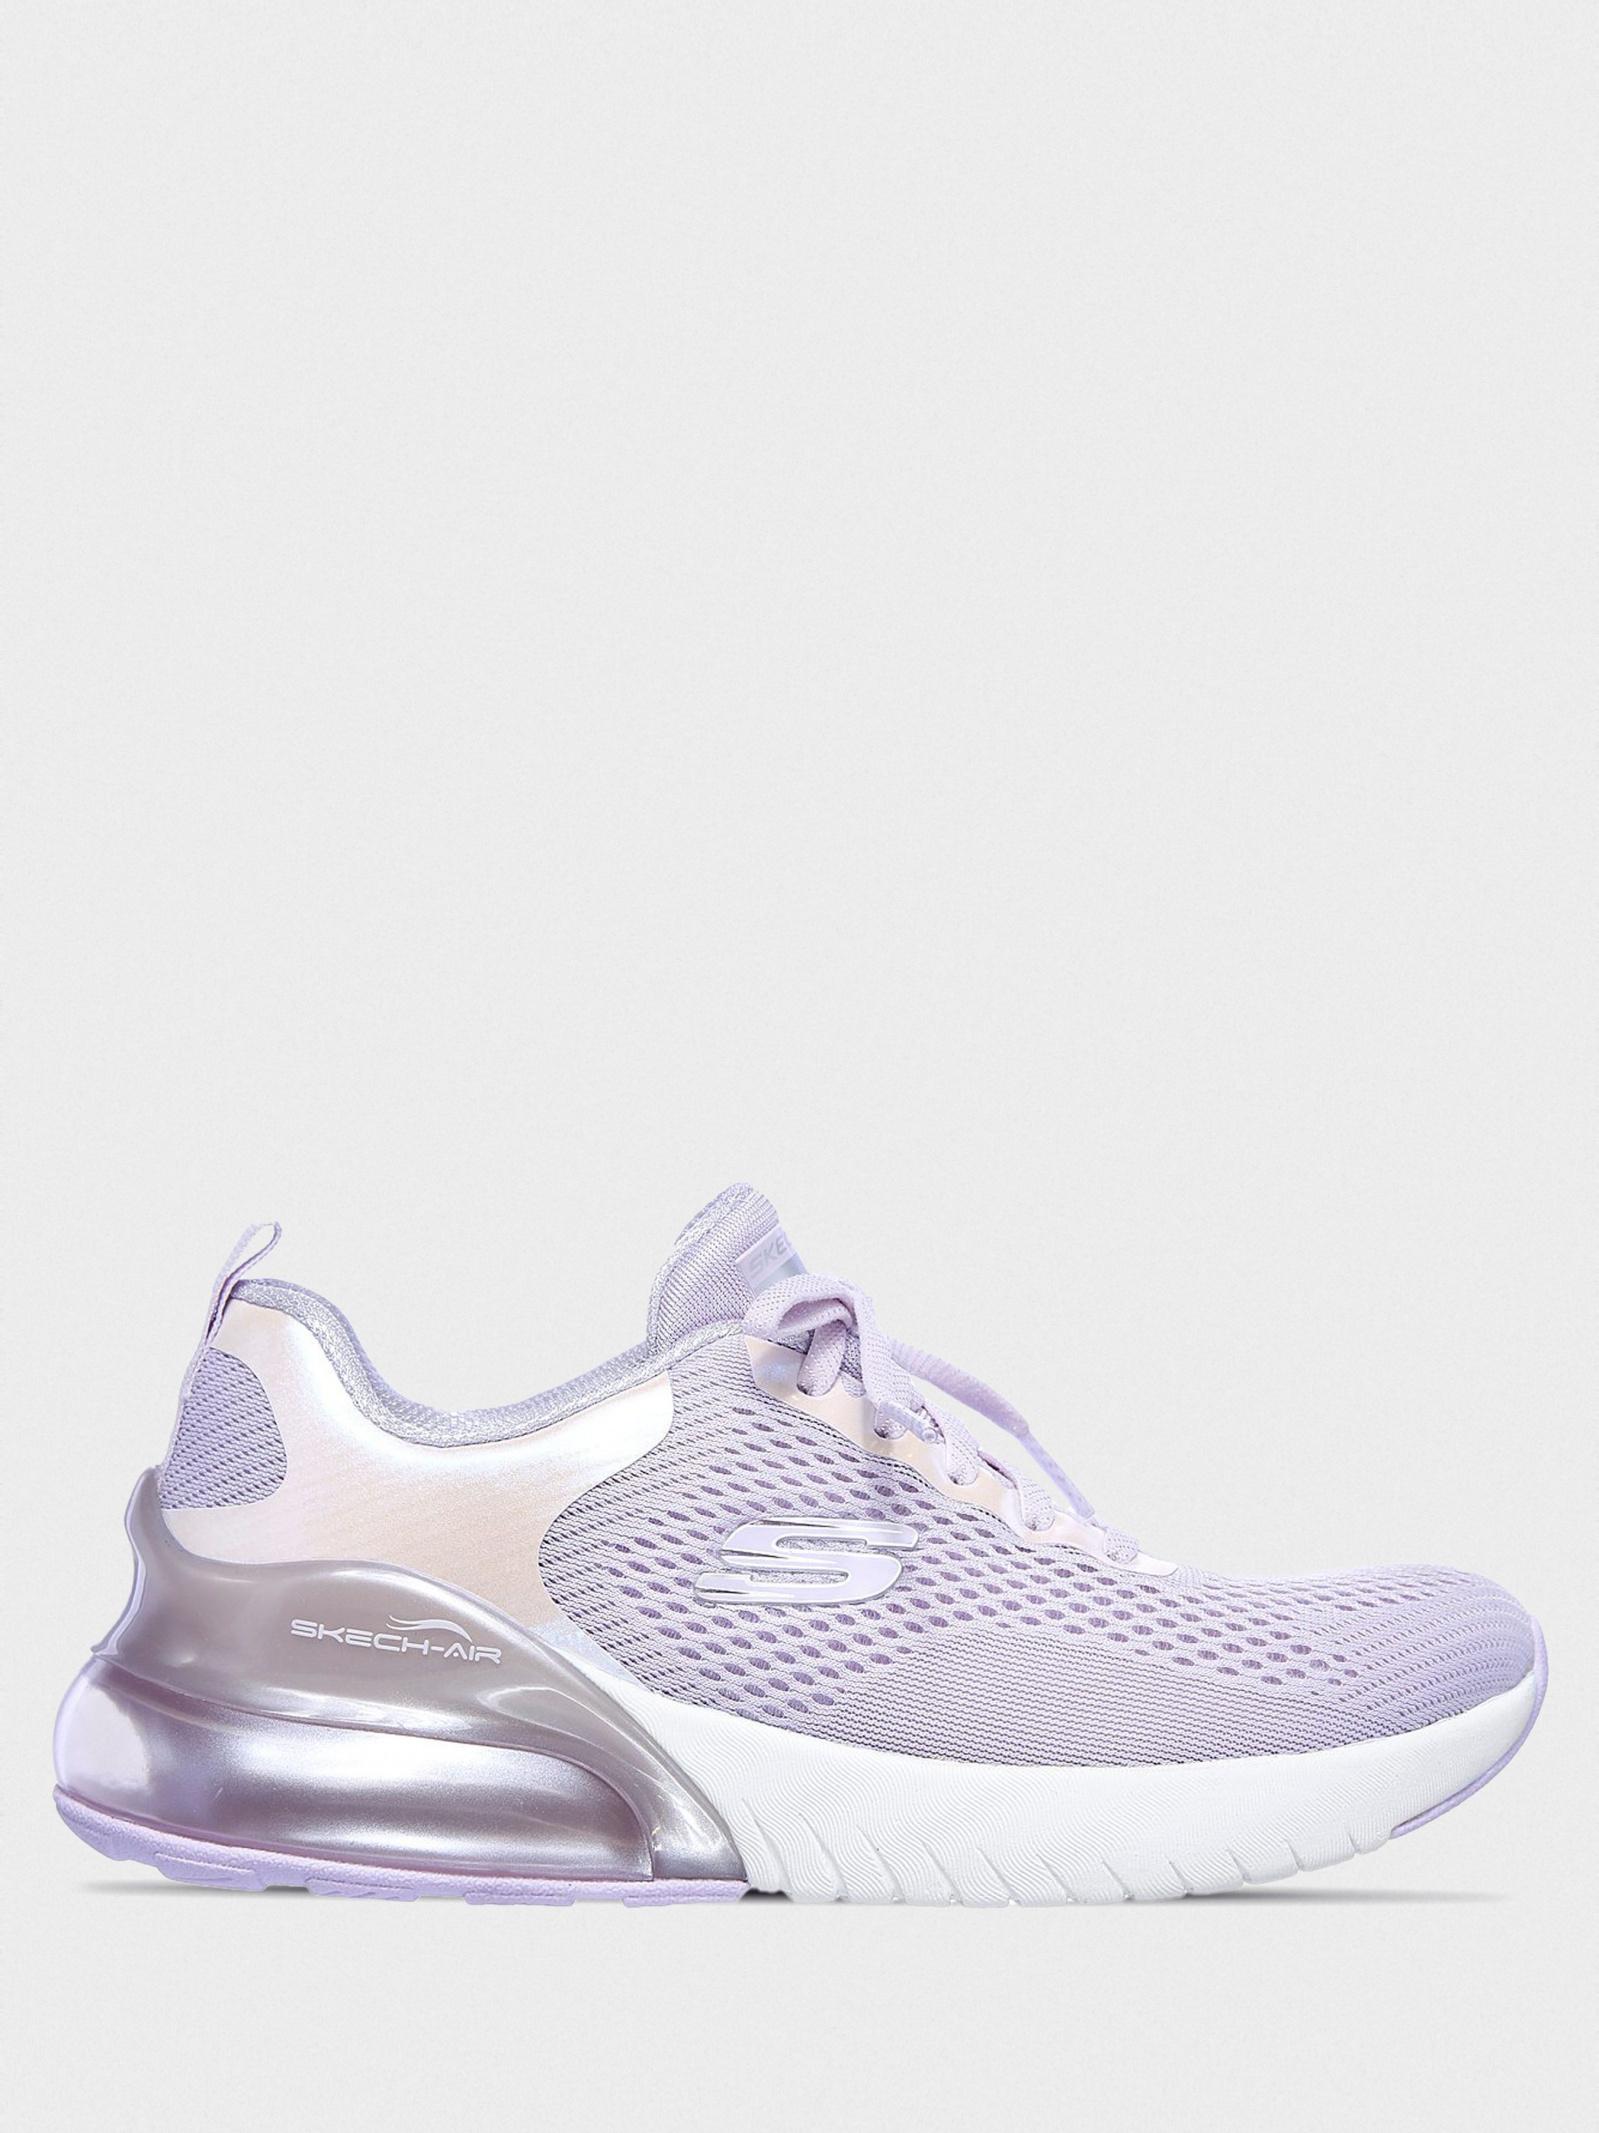 Кросівки  жіночі Skechers Skechers Womens Sport 149123 LAV продаж, 2017